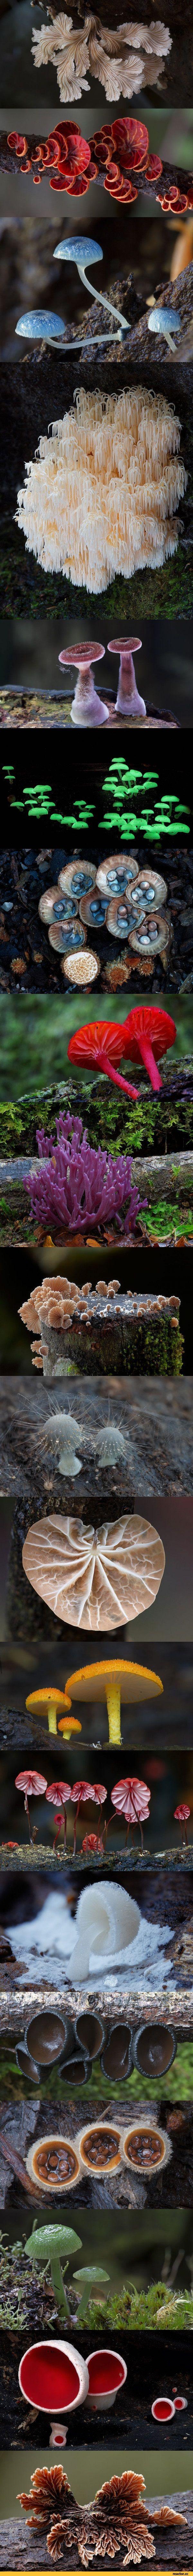 Волшебные грибы Австралии